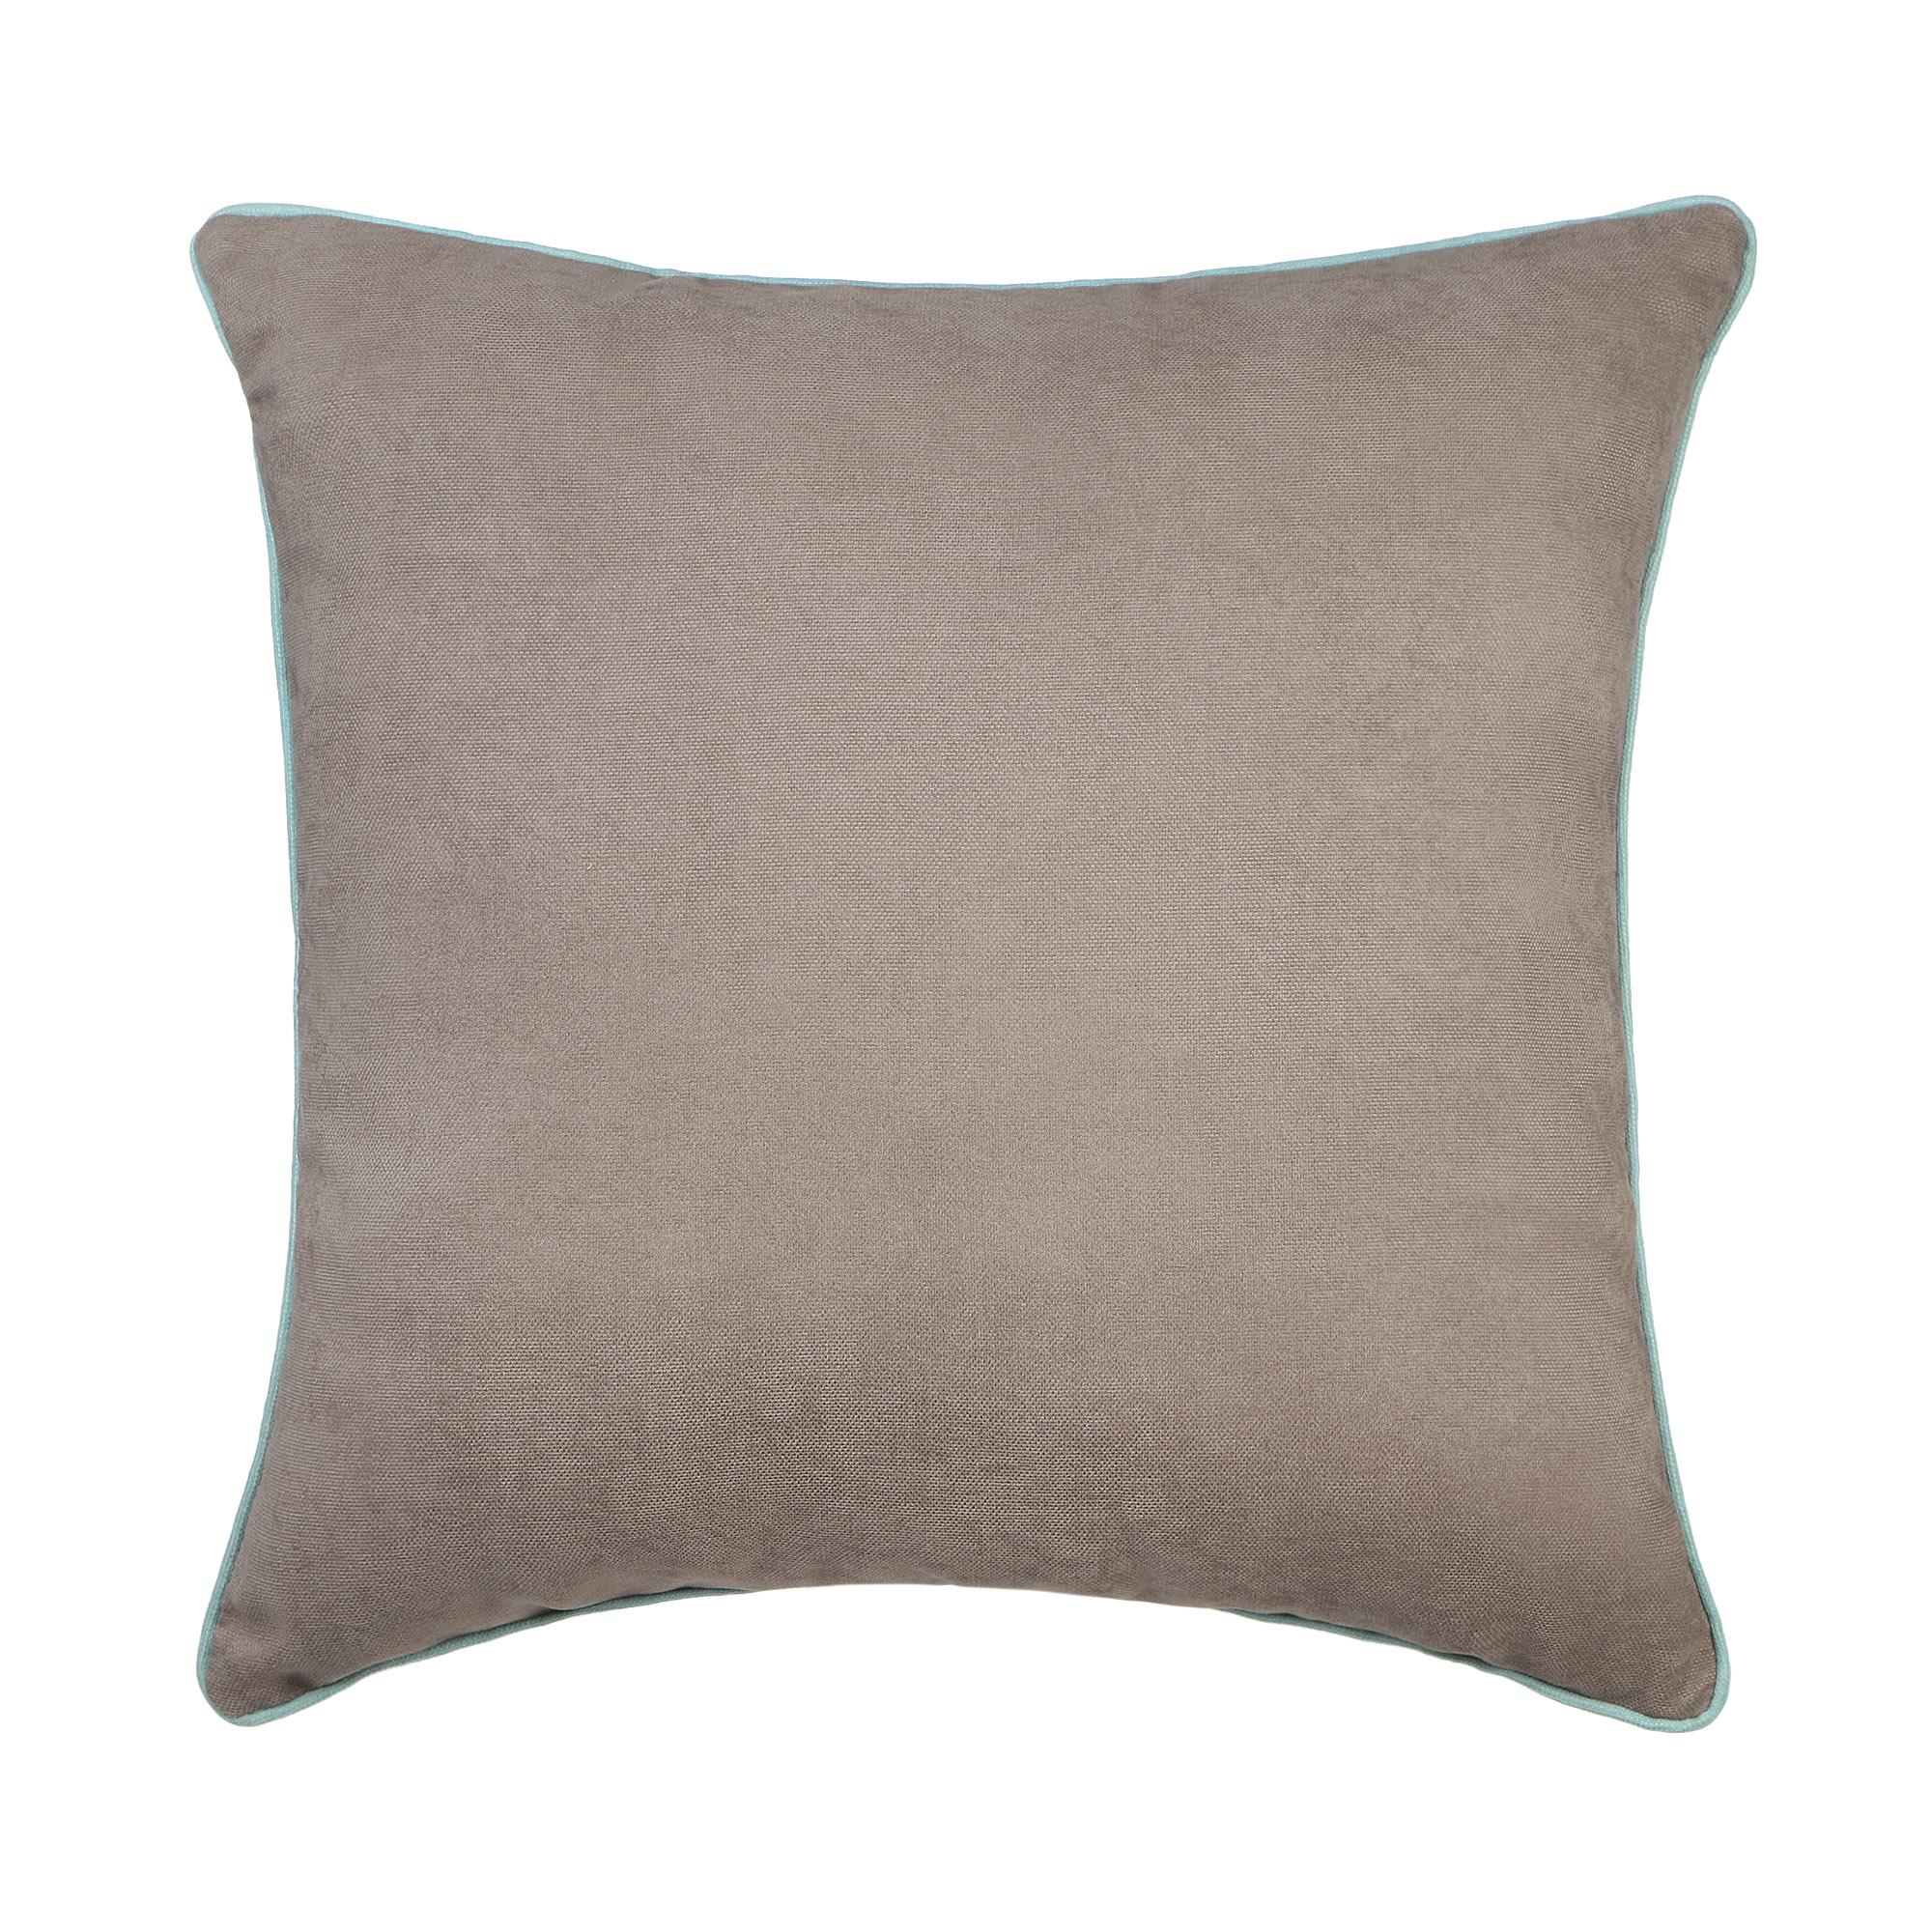 Декоративная подушка Sanpa Элиза бежевая 40х40 см подушка декоративная коллекция а6 камуфляж 40х40 см